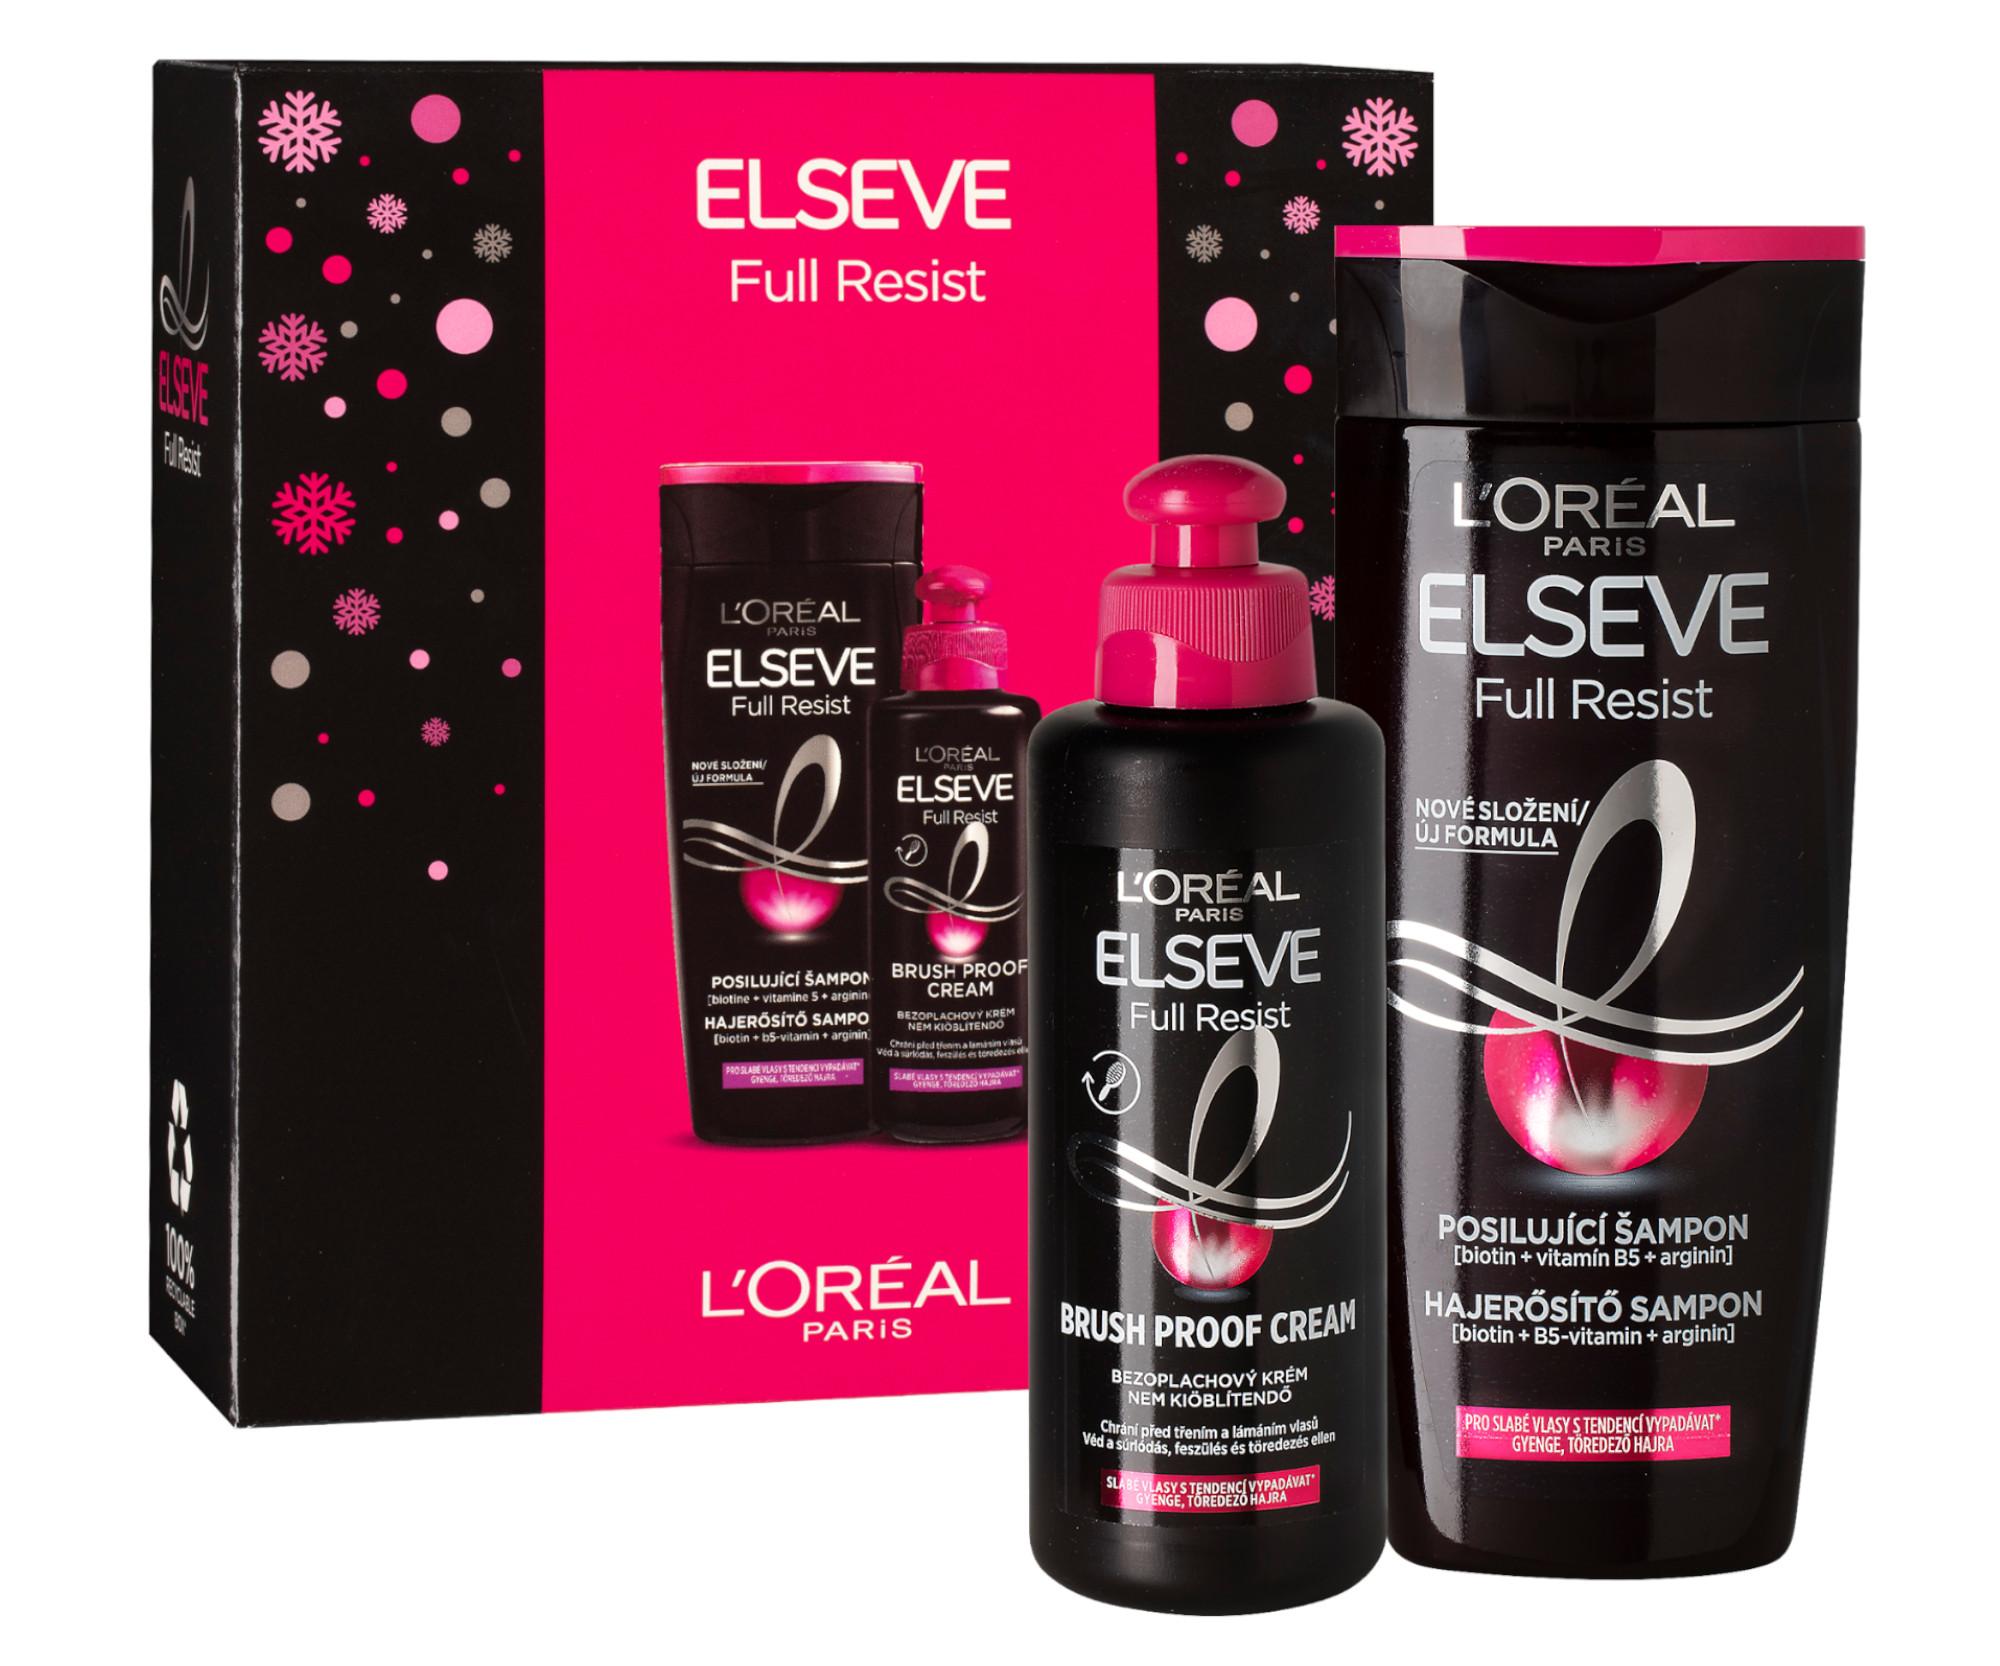 Sada pro slabé vlasy Loréal Paris Elseve Full Resist - šampon 250 ml + bezoplachový krém 200 ml + DÁ